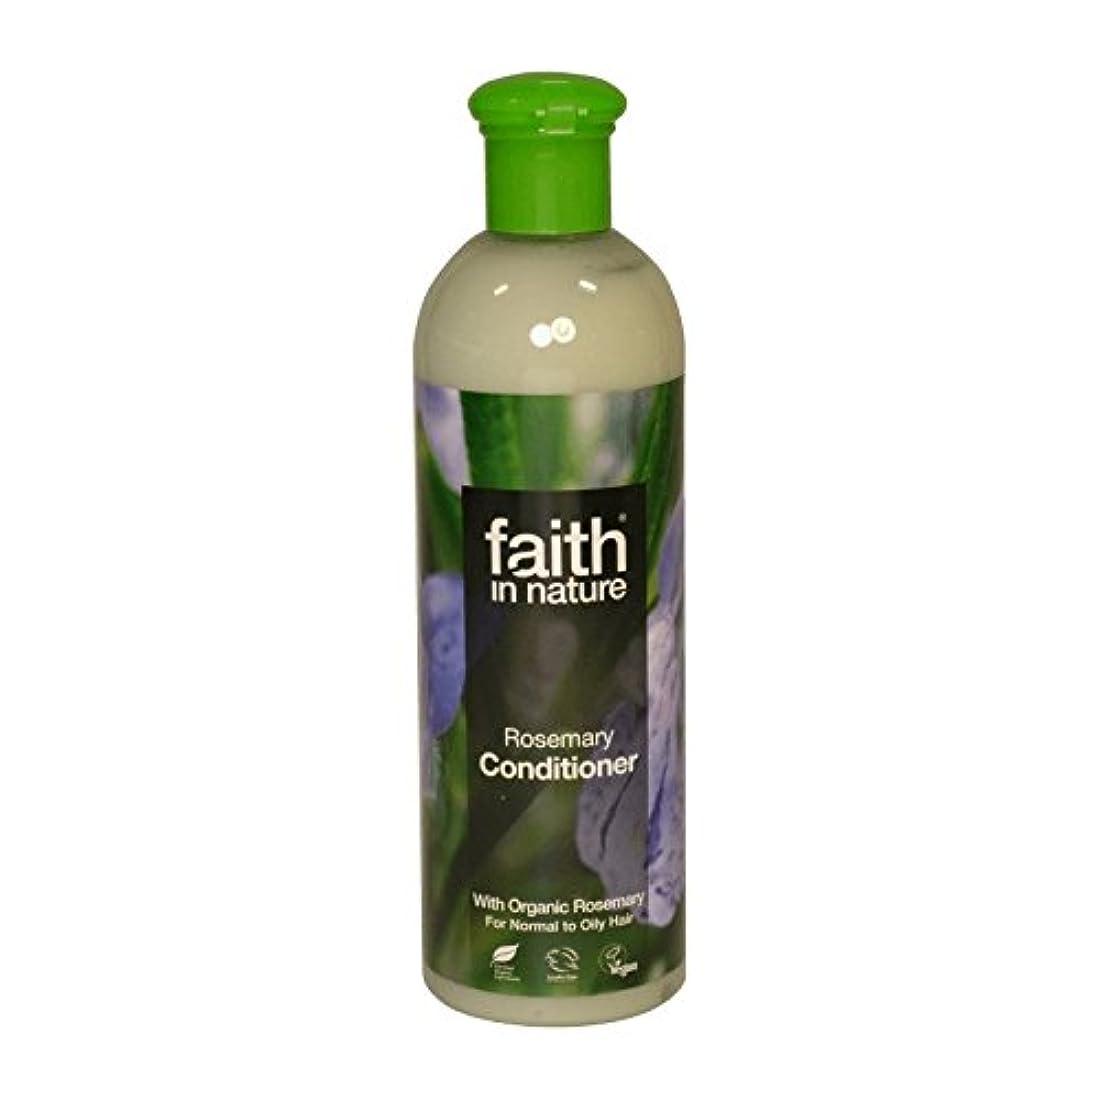 ハーネス驚きセールスマンFaith in Nature Rosemary Conditioner 400ml (Pack of 6) - 自然ローズマリーコンディショナー400ミリリットルの信仰 (x6) [並行輸入品]